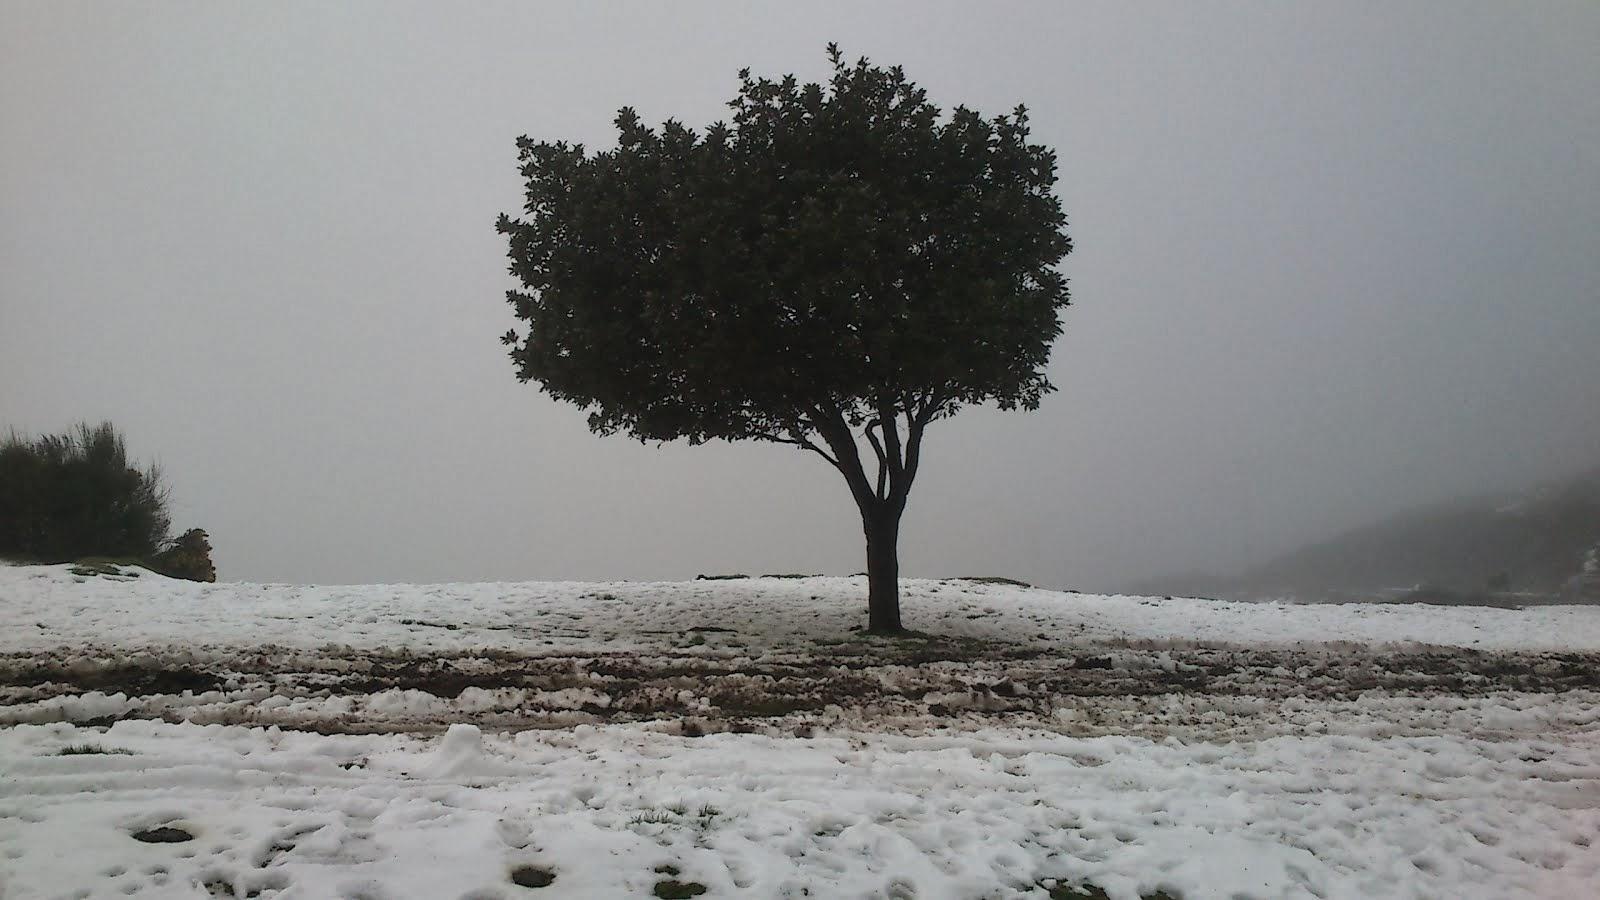 Imagens de neve